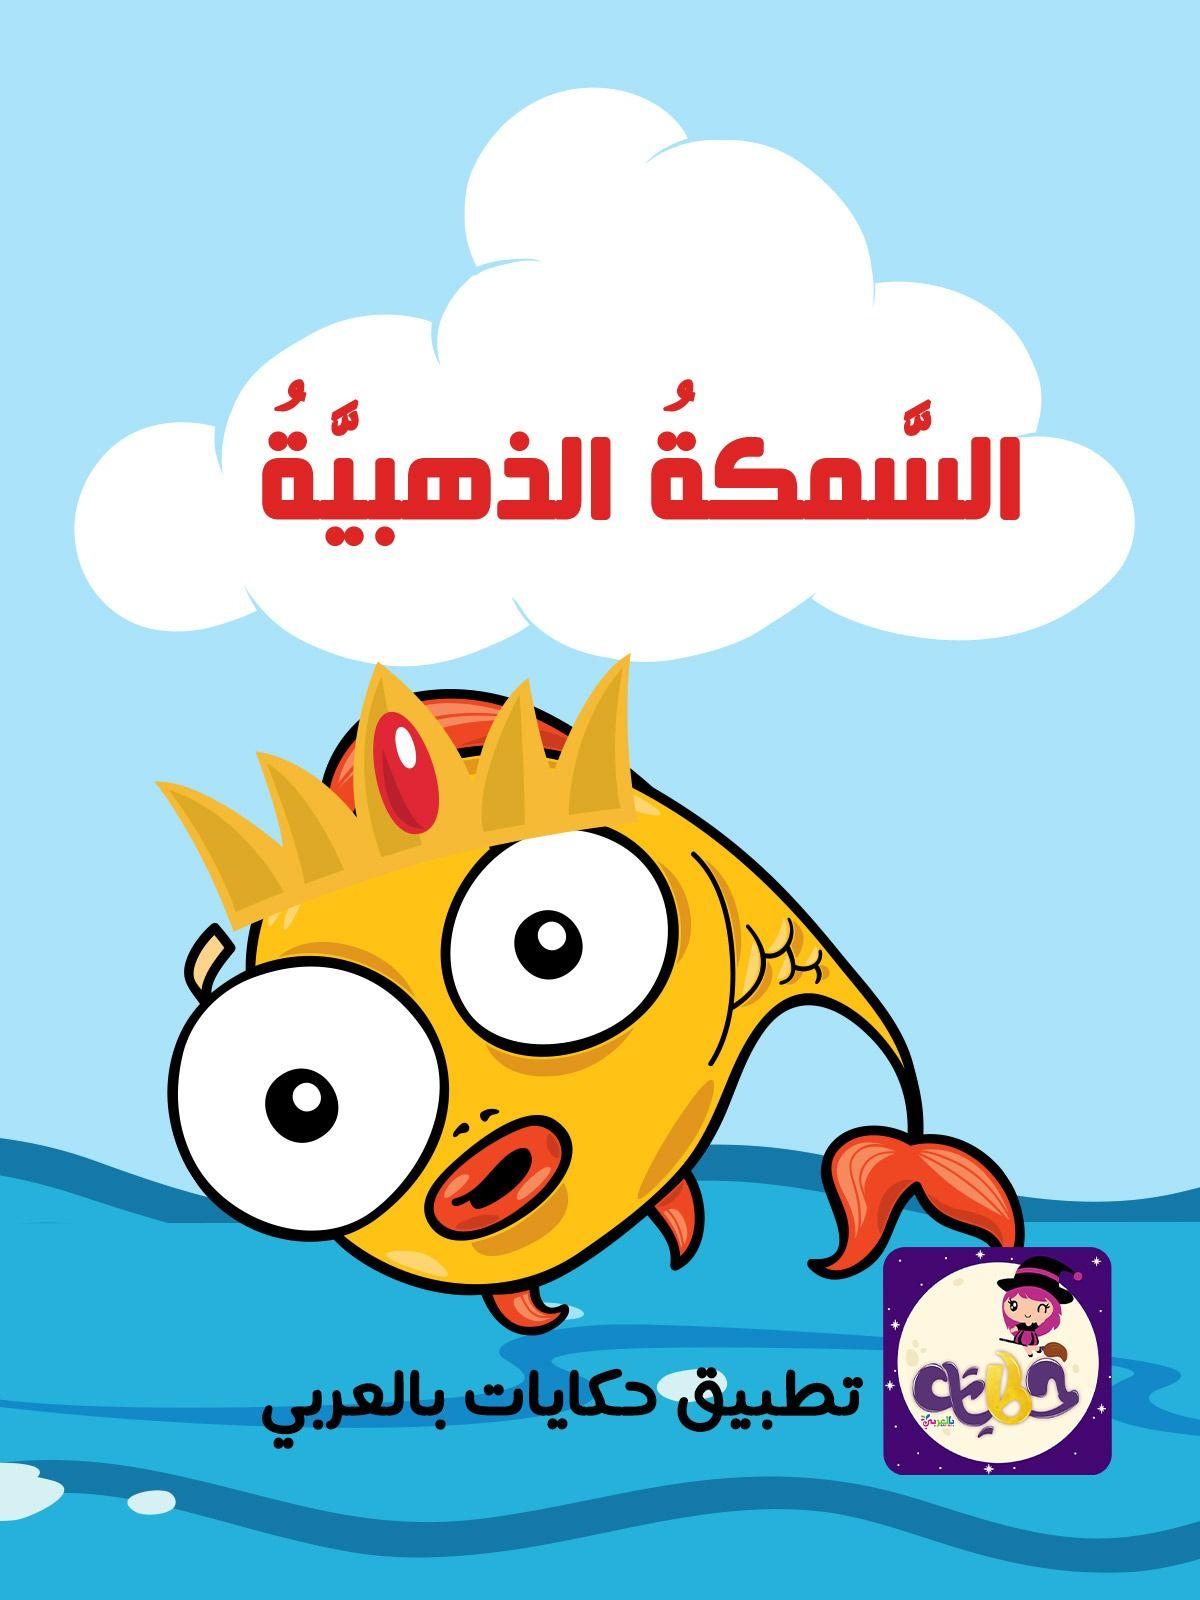 قصة السمكة الذهبية والصياد الفقير قصة مميزة بتطبيق قصص حكايات بالعربي قصص اطفال Stories For Kids Arabic Kids Kids